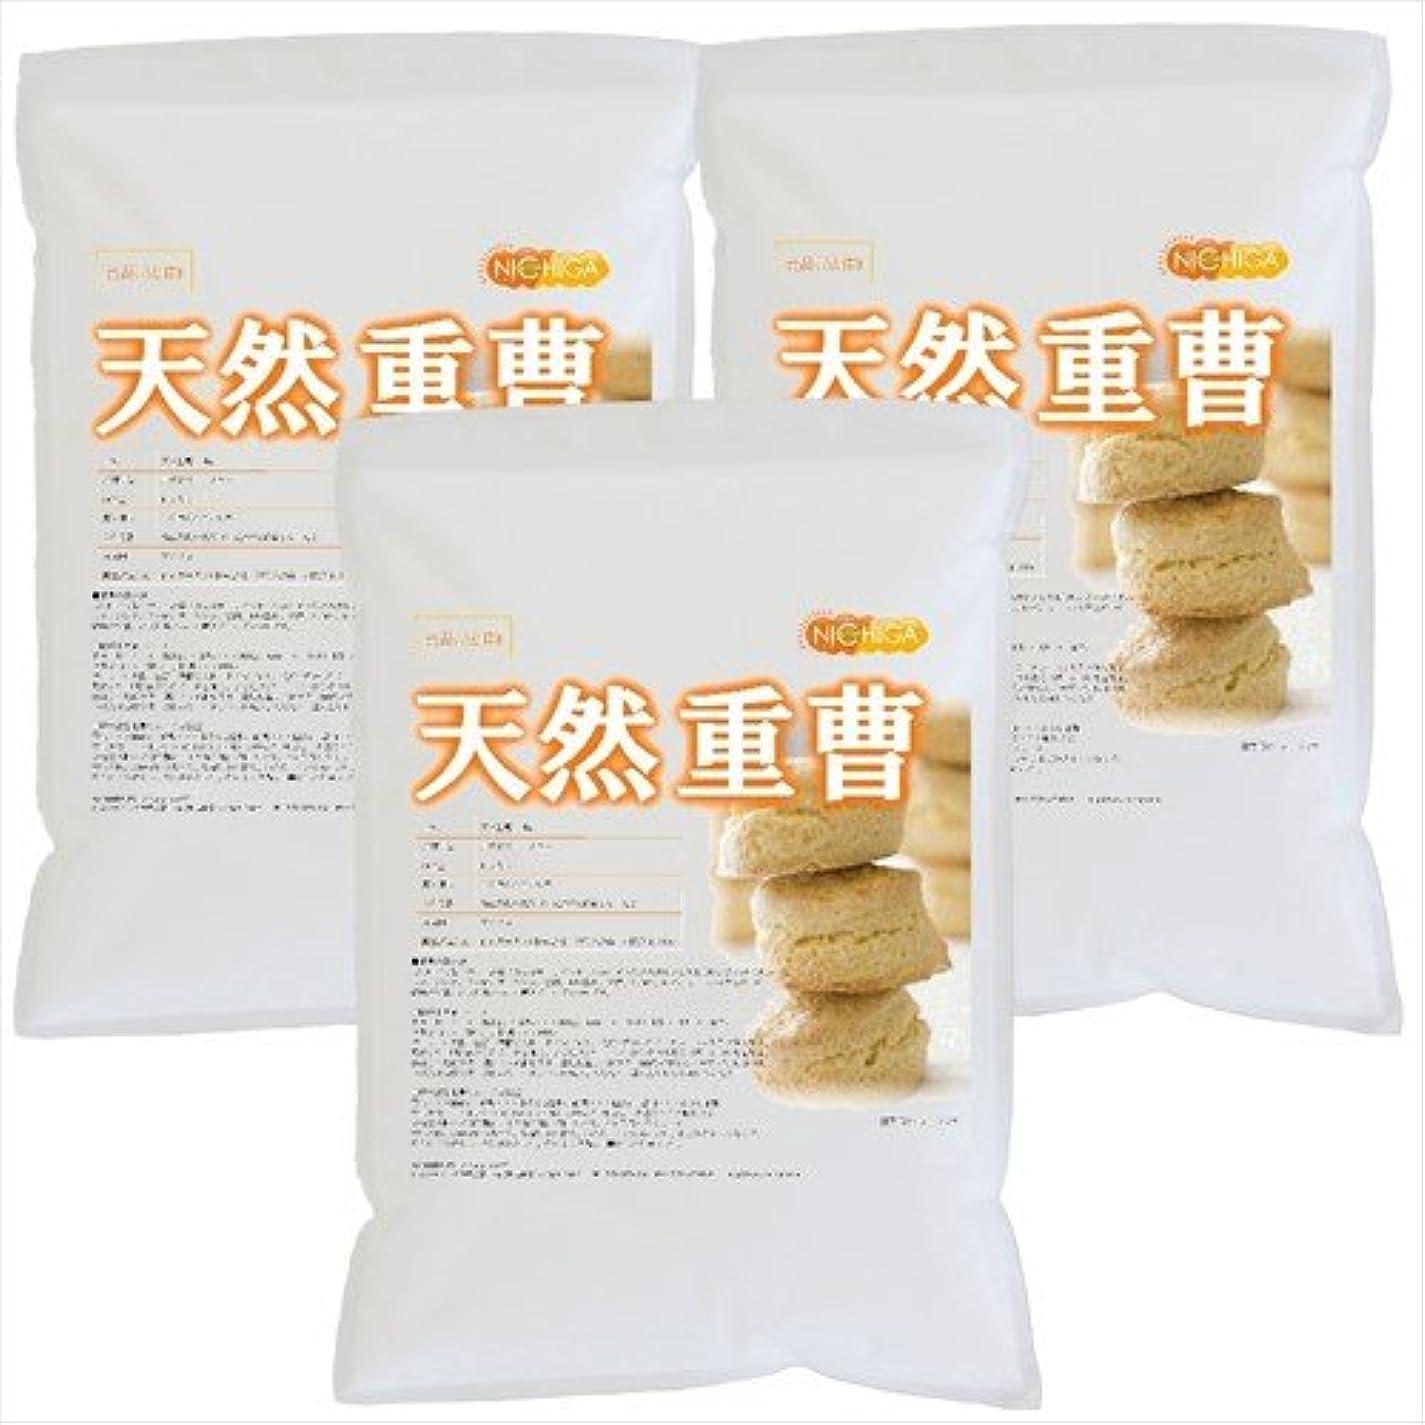 仮定する十二序文天然 重曹 5kg×3袋 [02] 炭酸水素ナトリウム 食品添加物(食品用)NICHIGA(ニチガ)